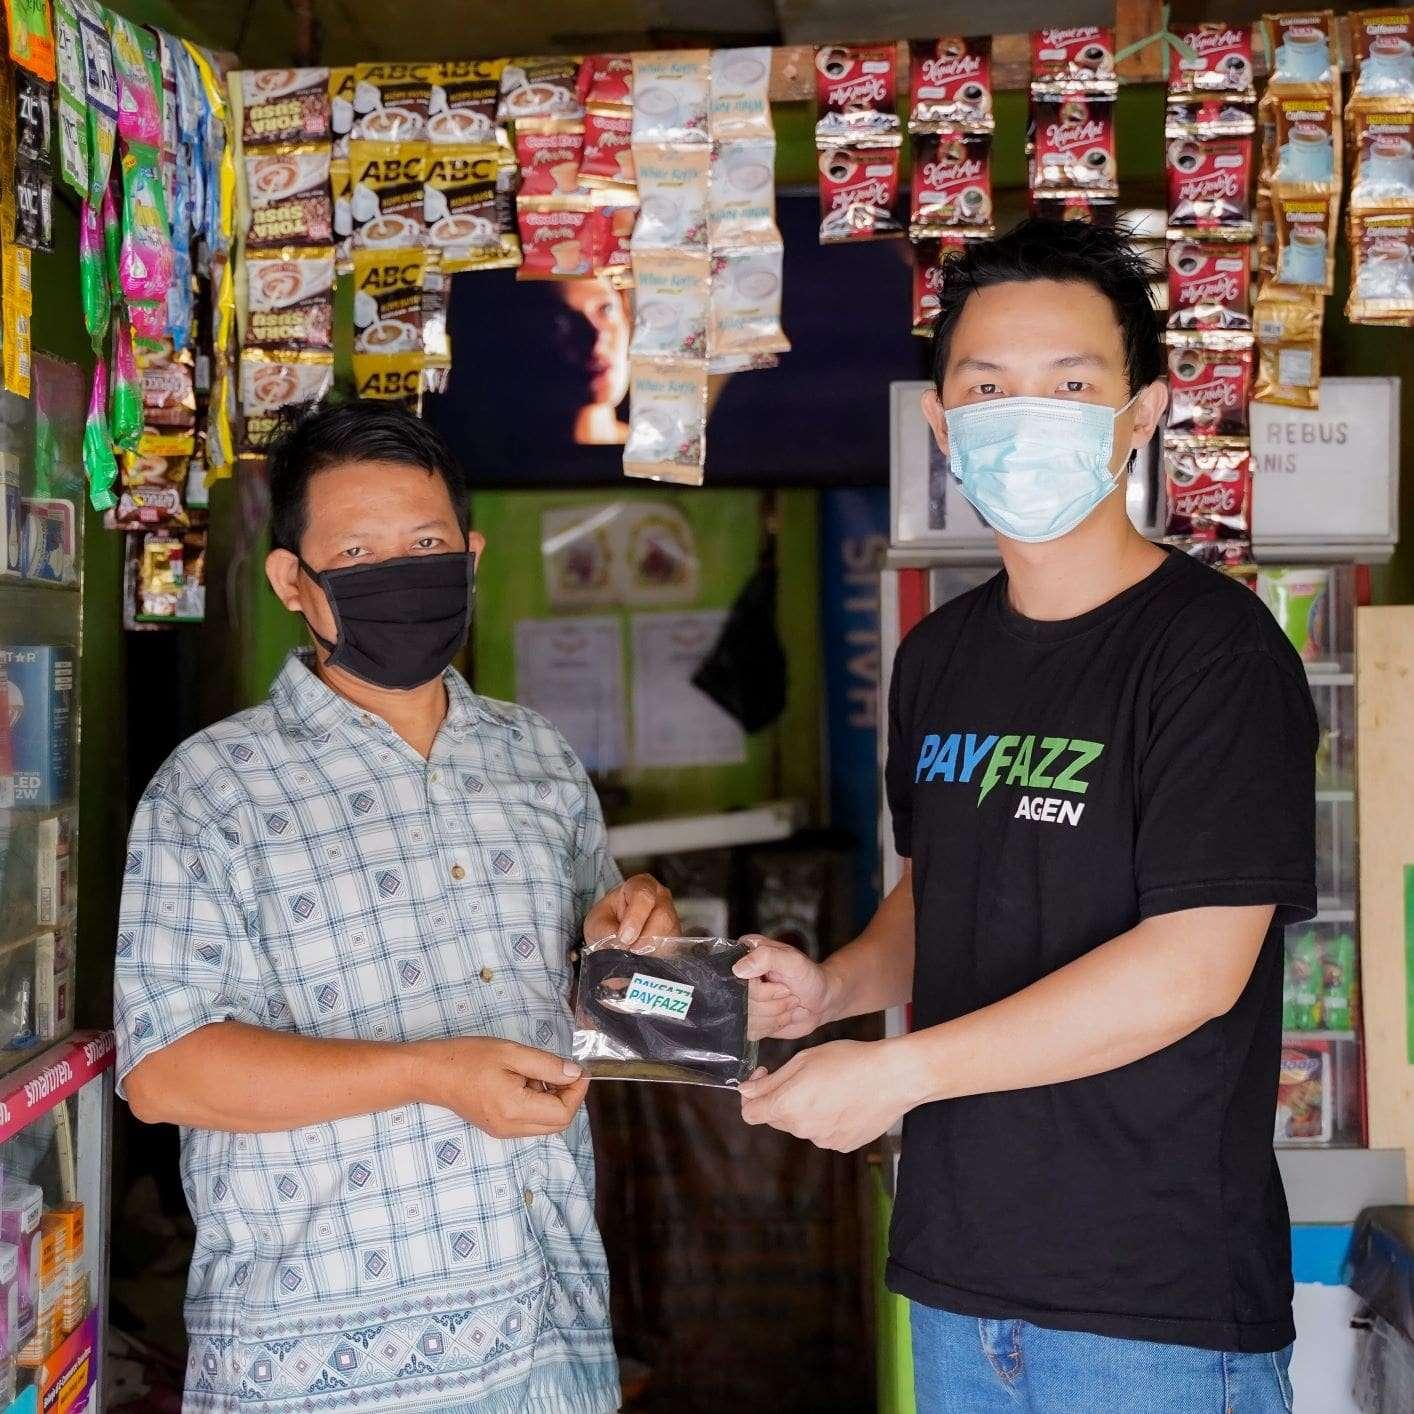 Cegah Penyebaran COVID-19, PAYFAZZ Bagikan 10.000 Masker Gratis untuk Agen